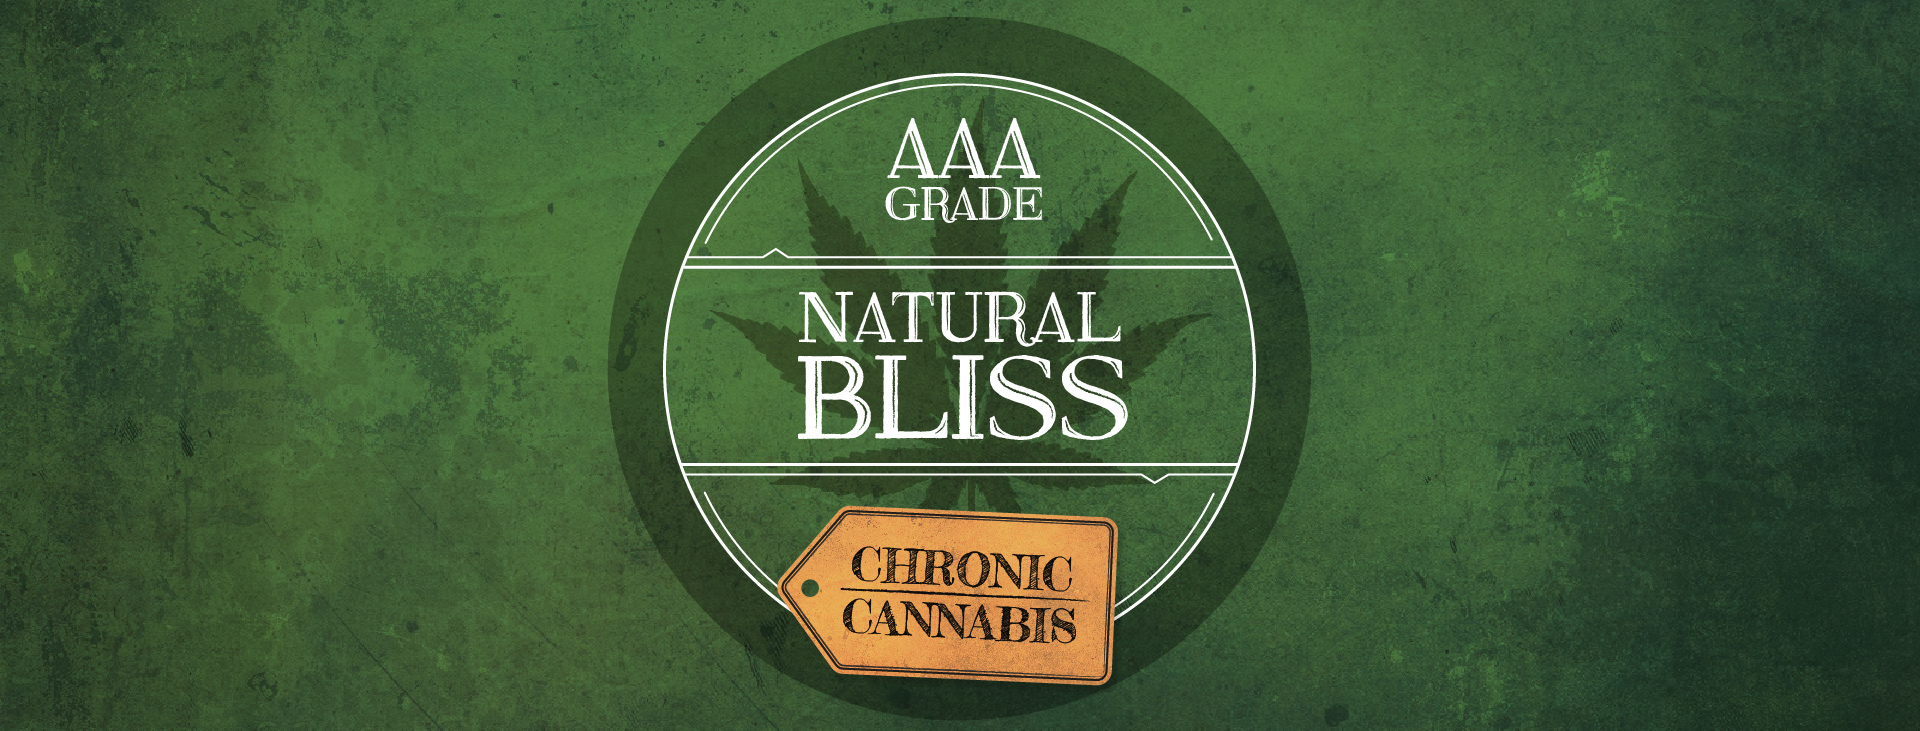 Chronic Cannabis